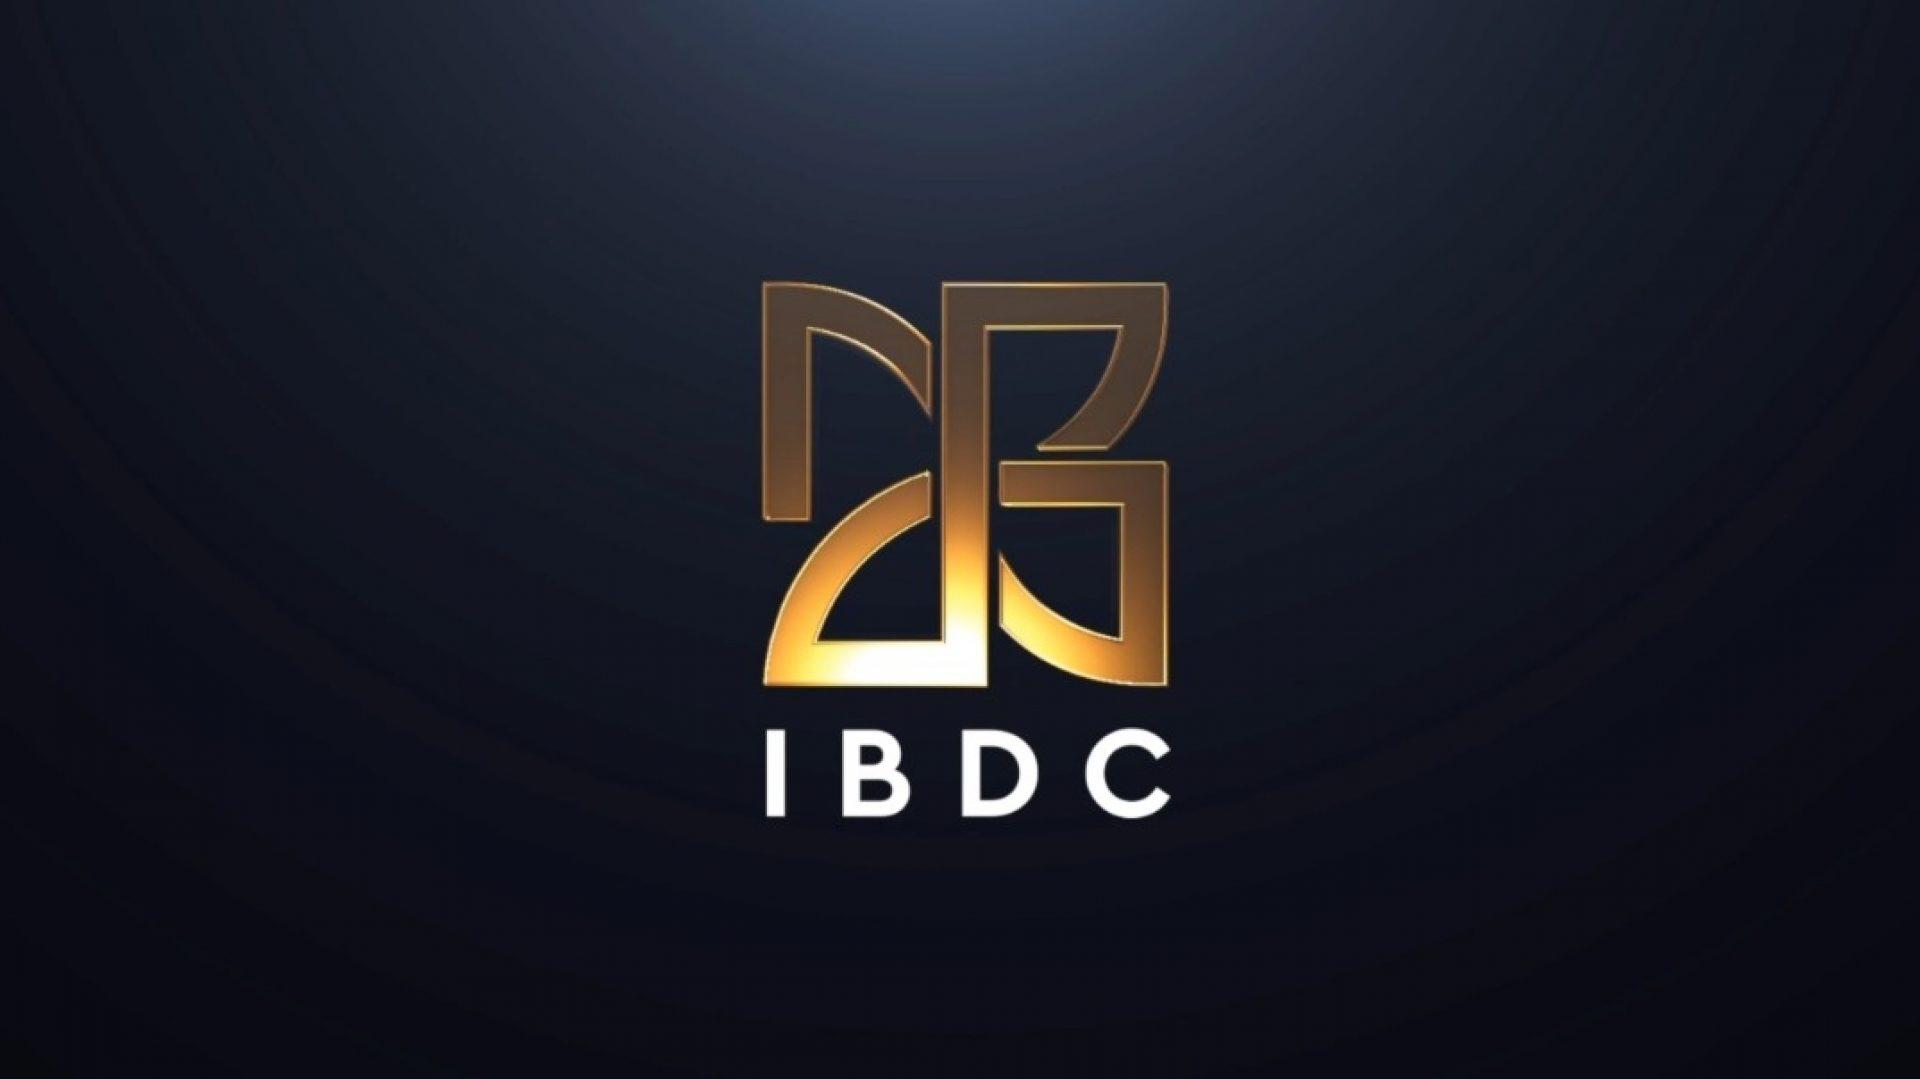 IBDC Malaysia